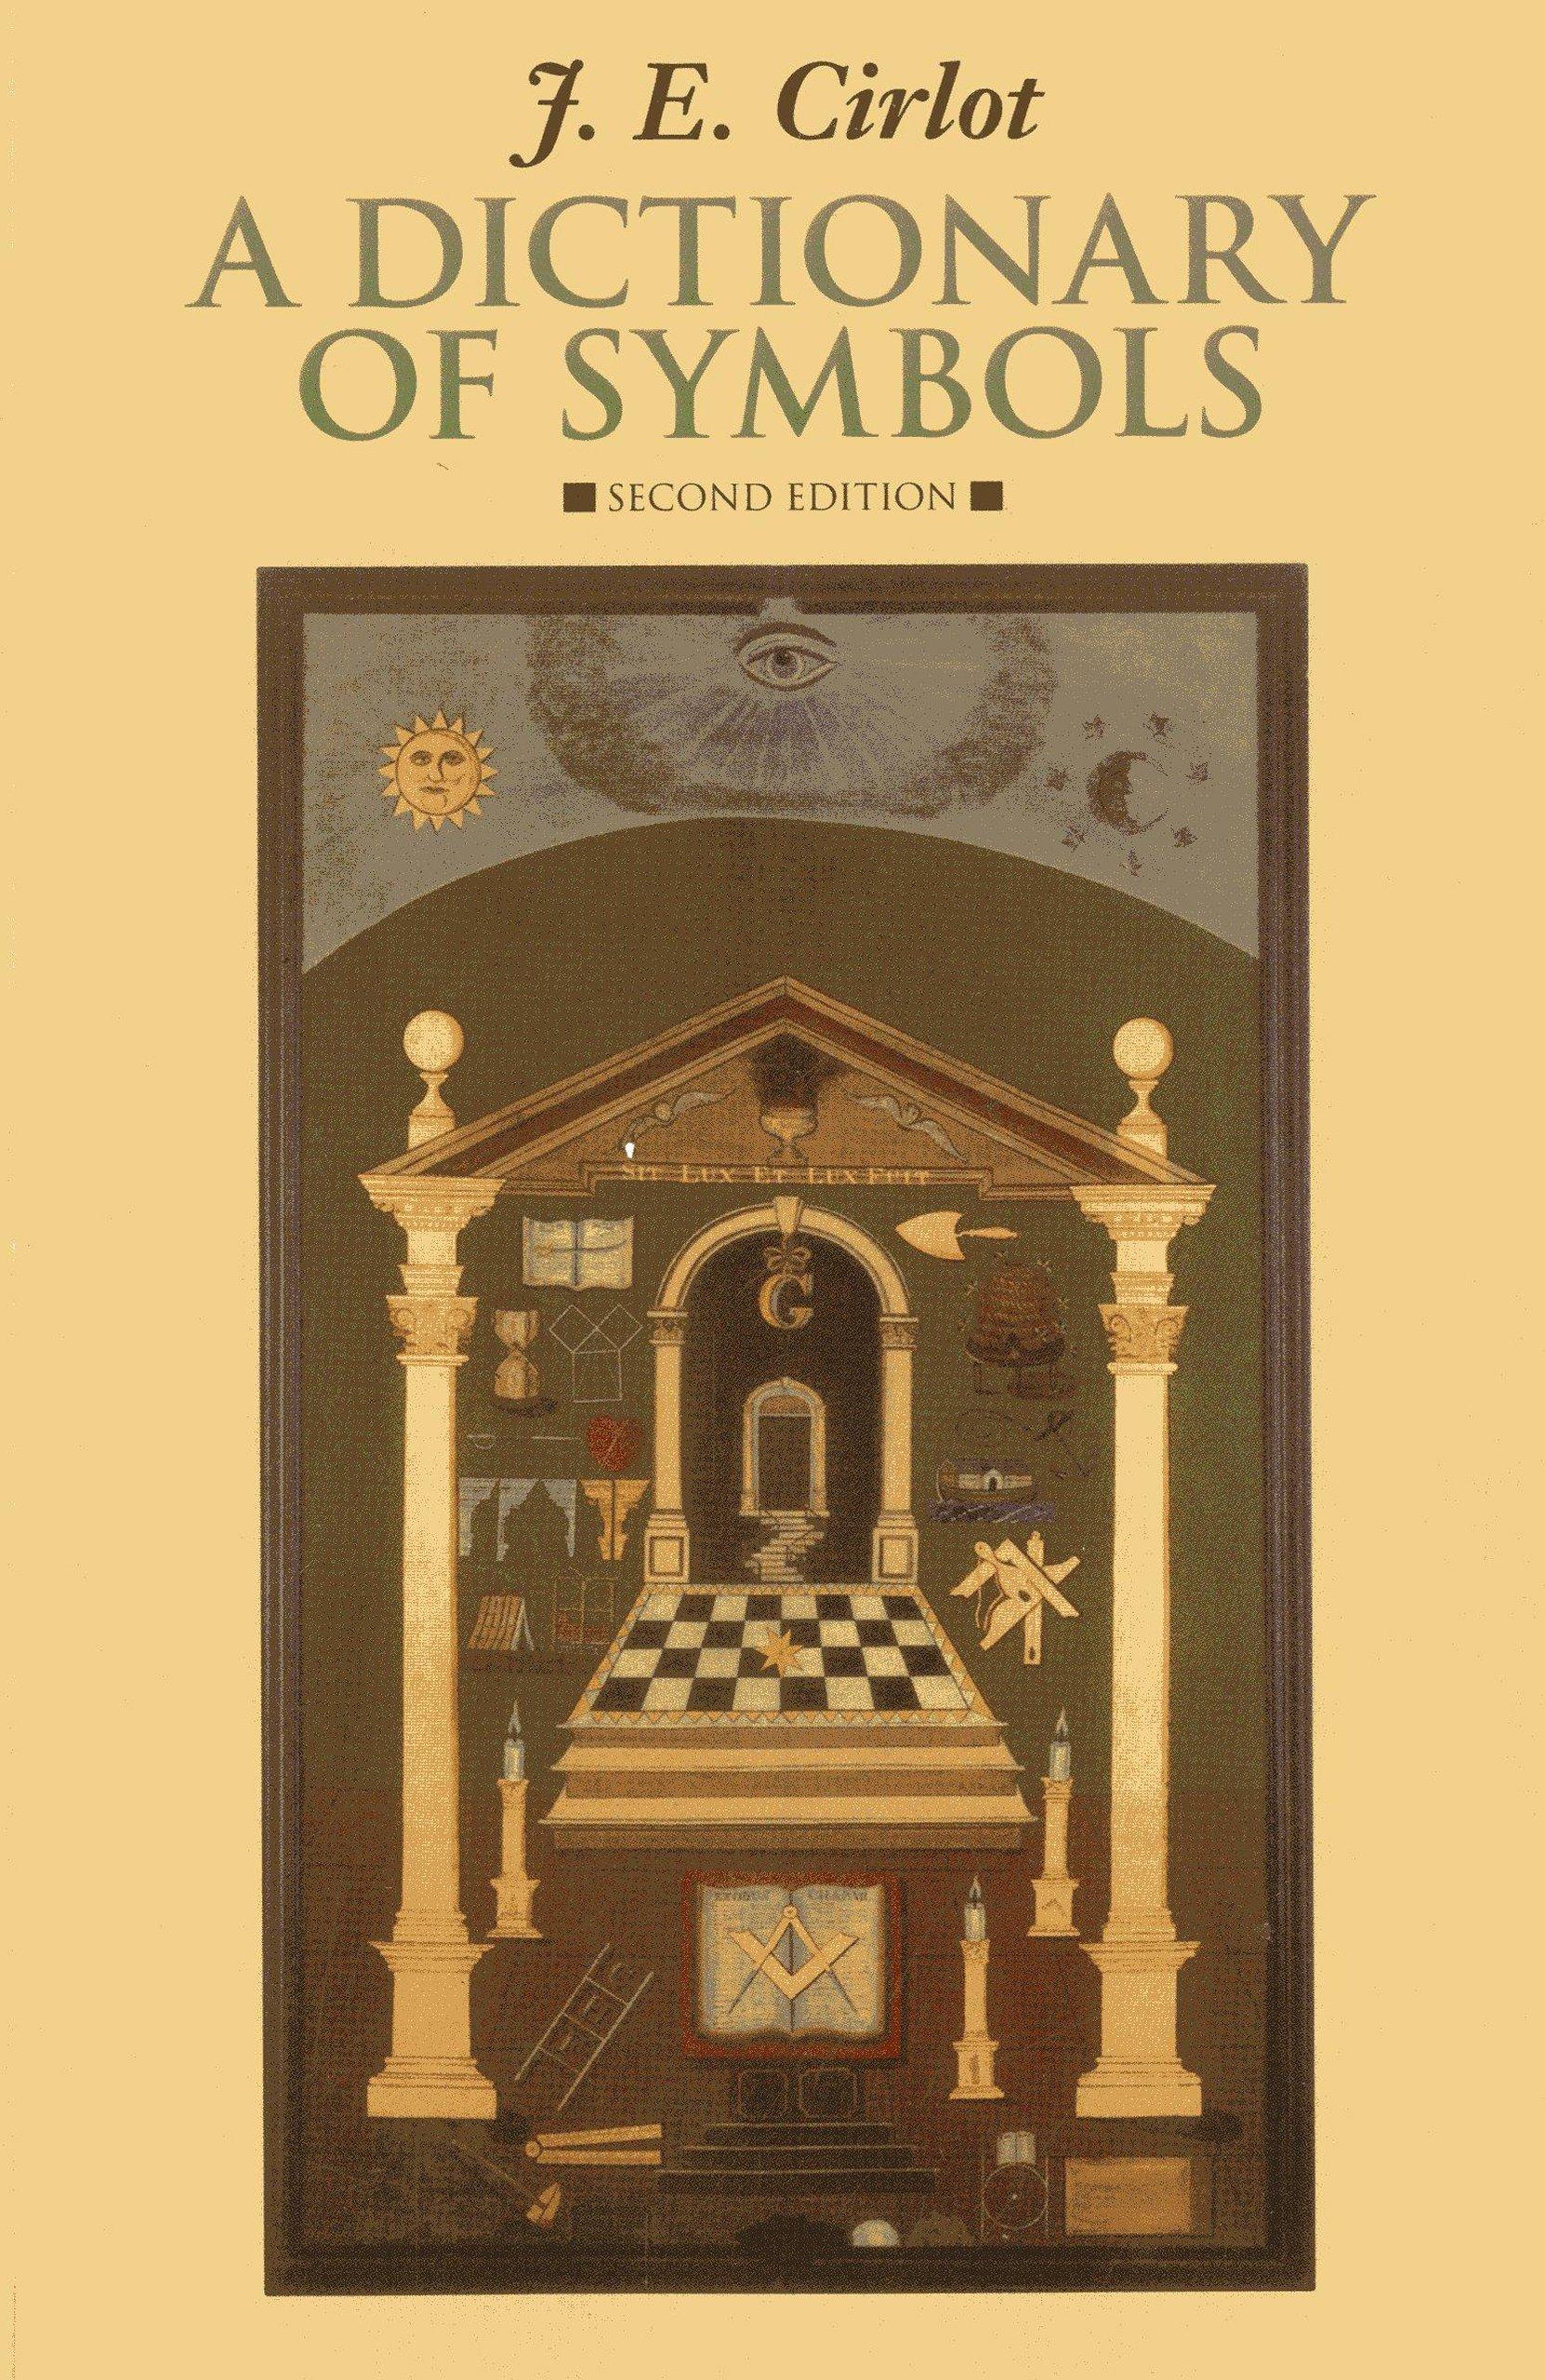 A Dictionary Of Symbols J E Cirlot Herbert Read 9781566490542